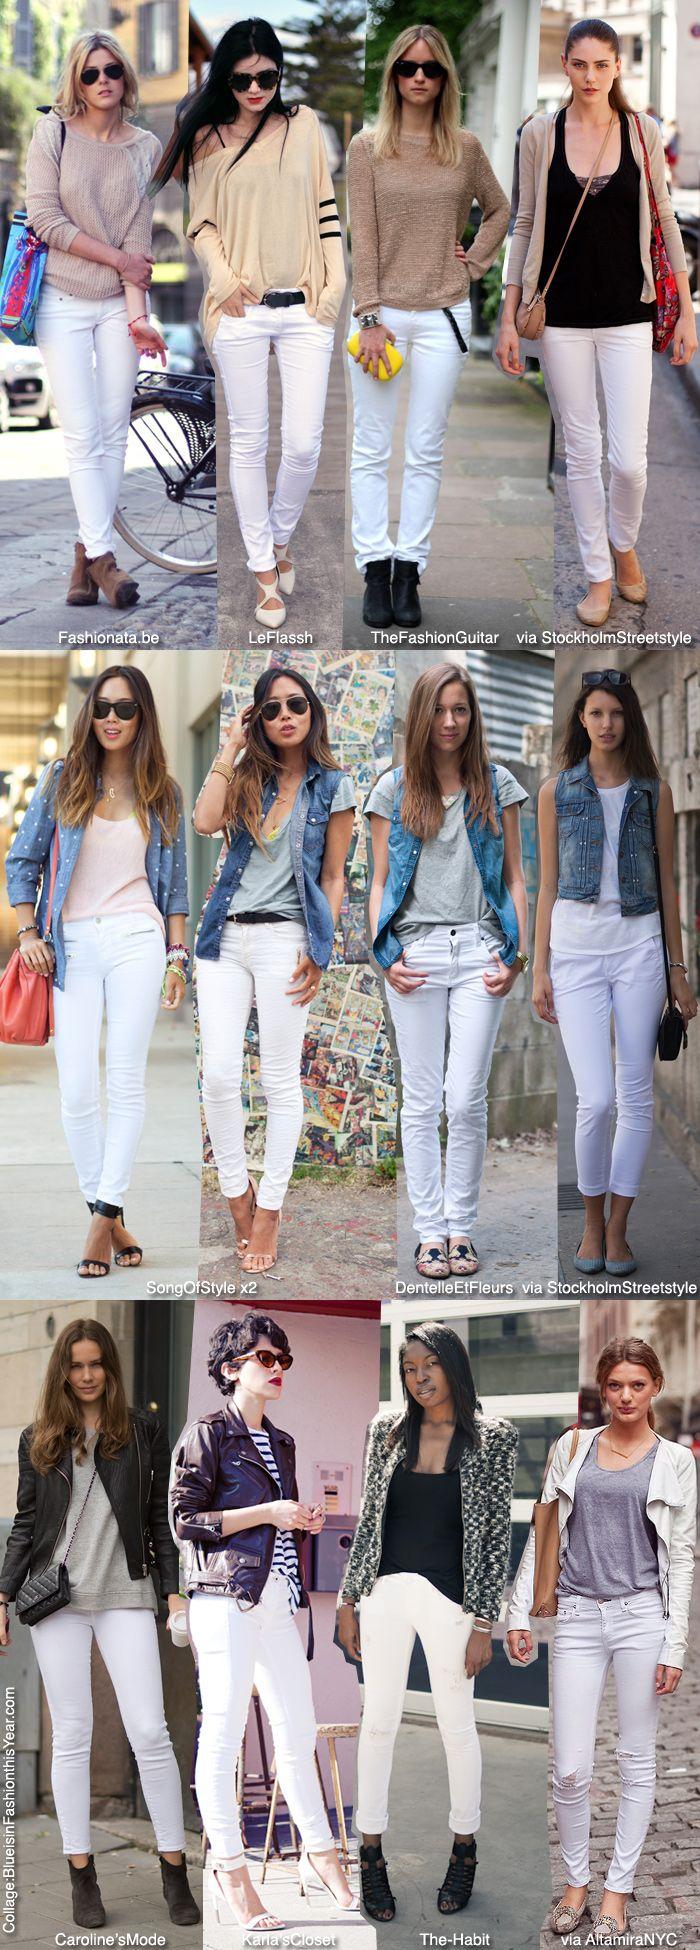 Come indossare dei jeans bianchi?con un top nude,con un gilet di jeans o con un mix di bianco,nero e grigio.